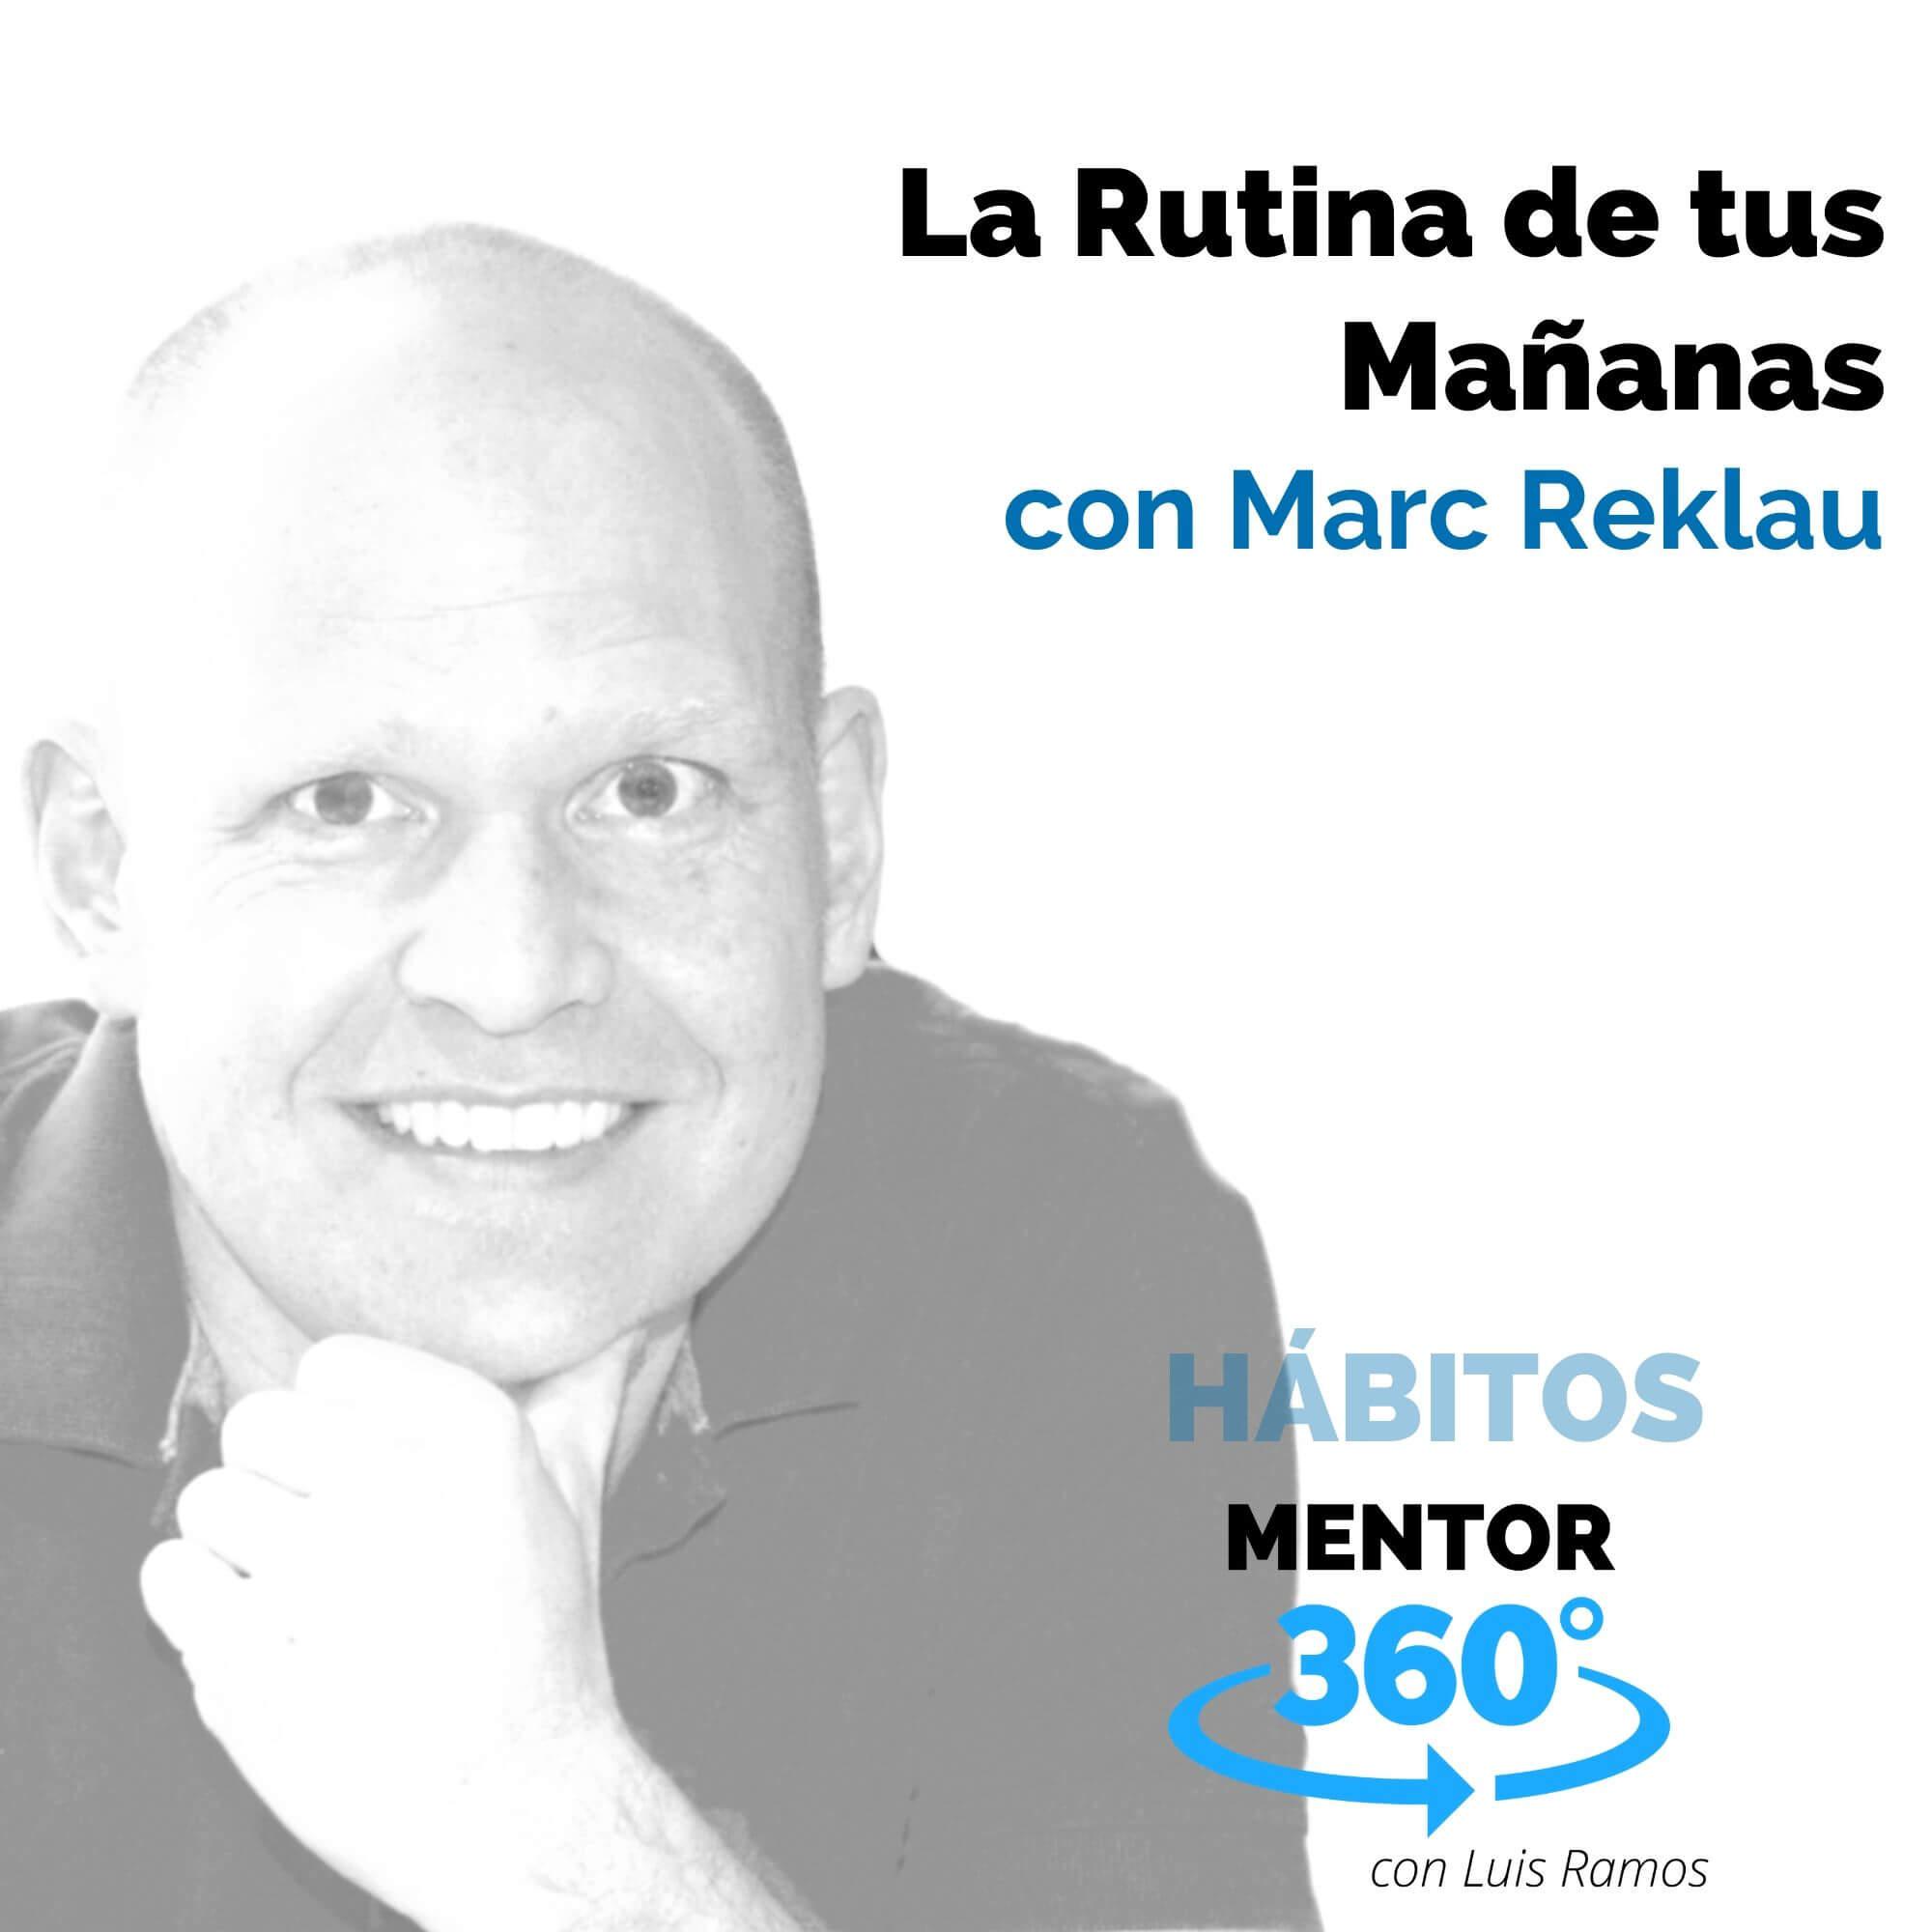 La Rutina de tus Mañanas, con Marc Reklau - HÁBITOS